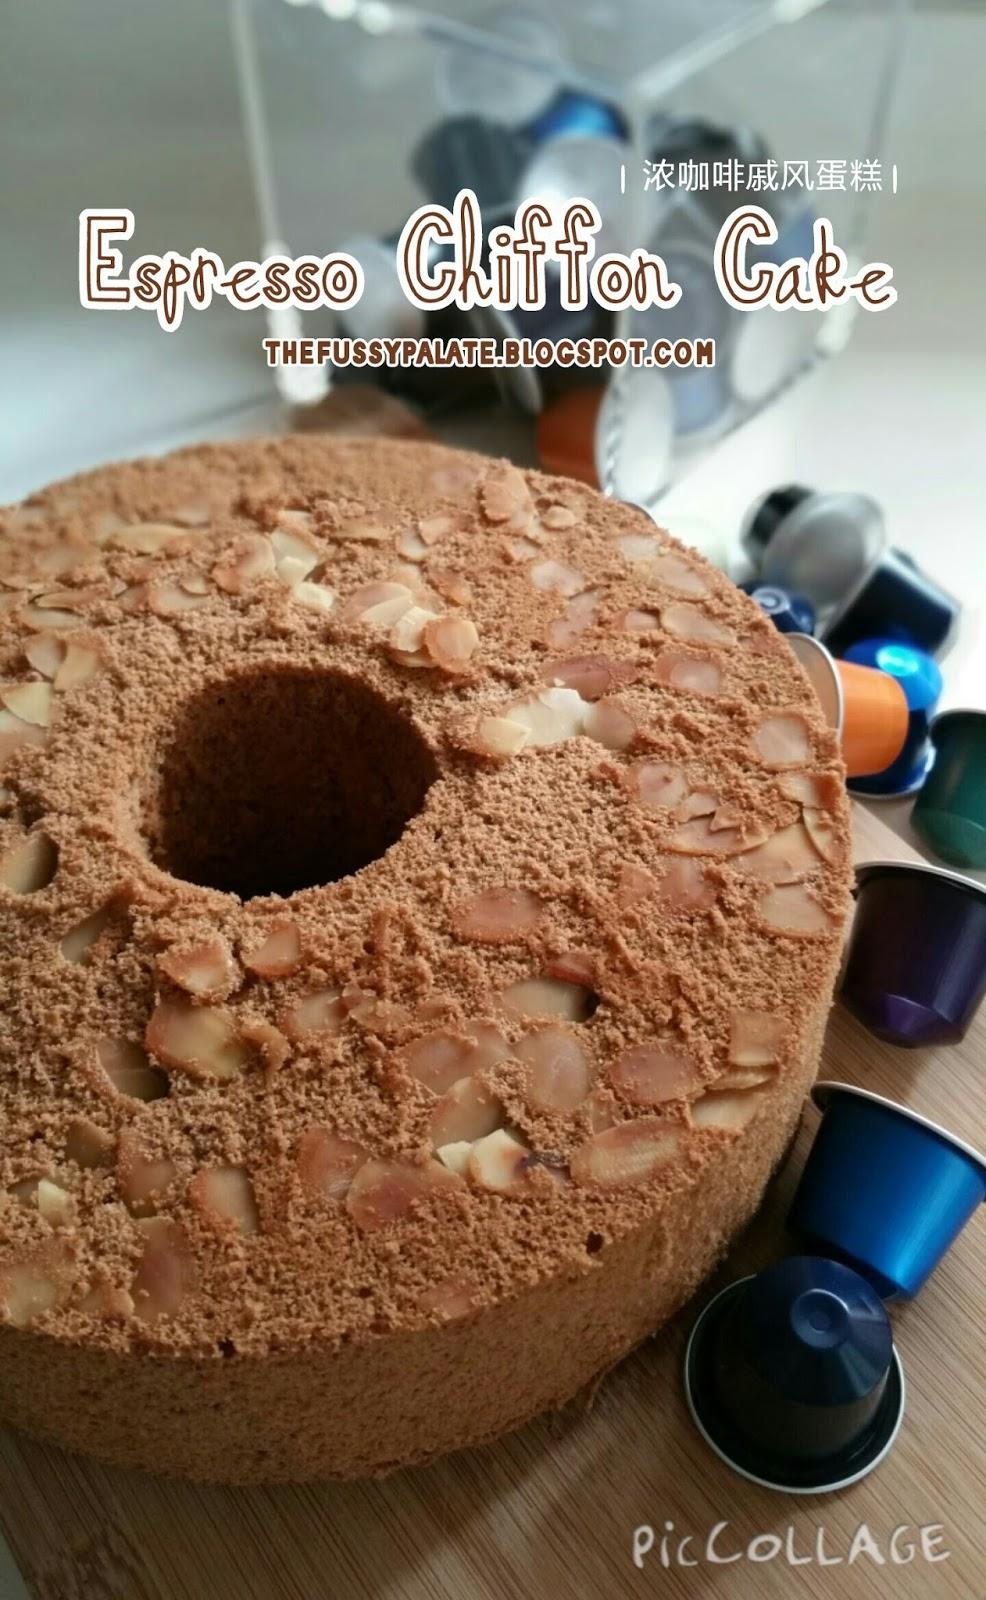 Adding Egg Yolk Cake Mix